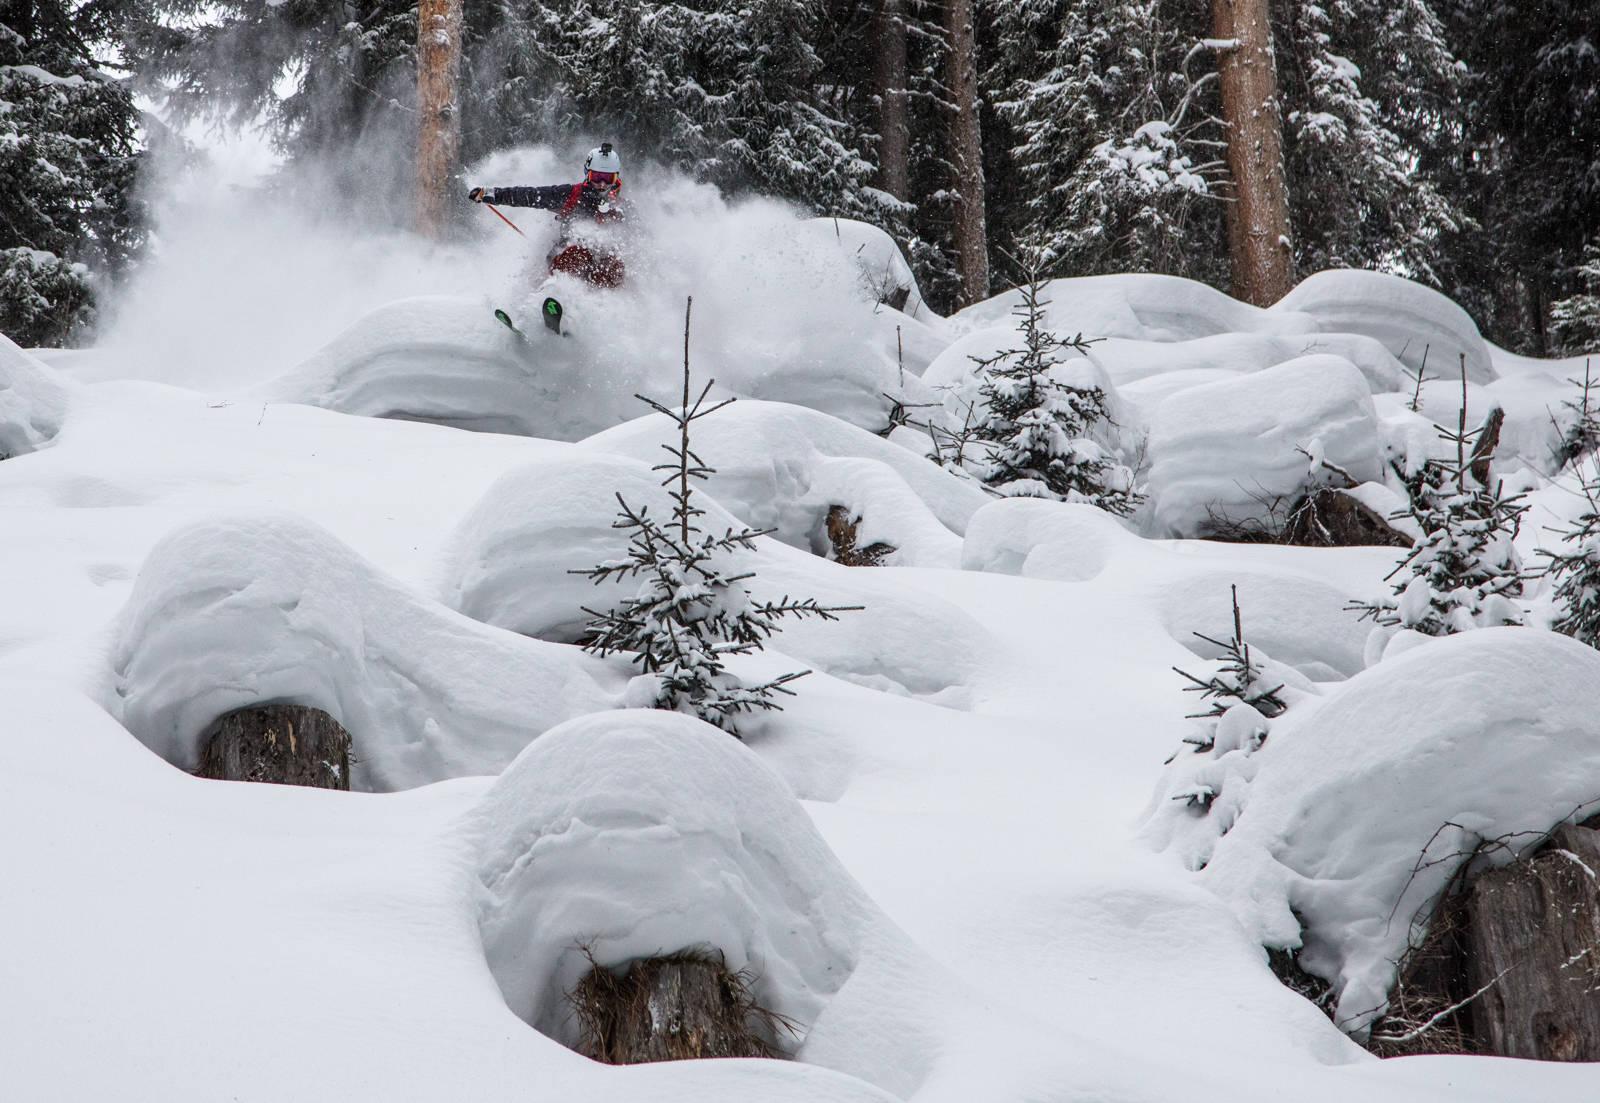 Kan Aasheim ta med seg den alpine skiteknikken ut i puddersnøen? Bilde: Bård Gundersen